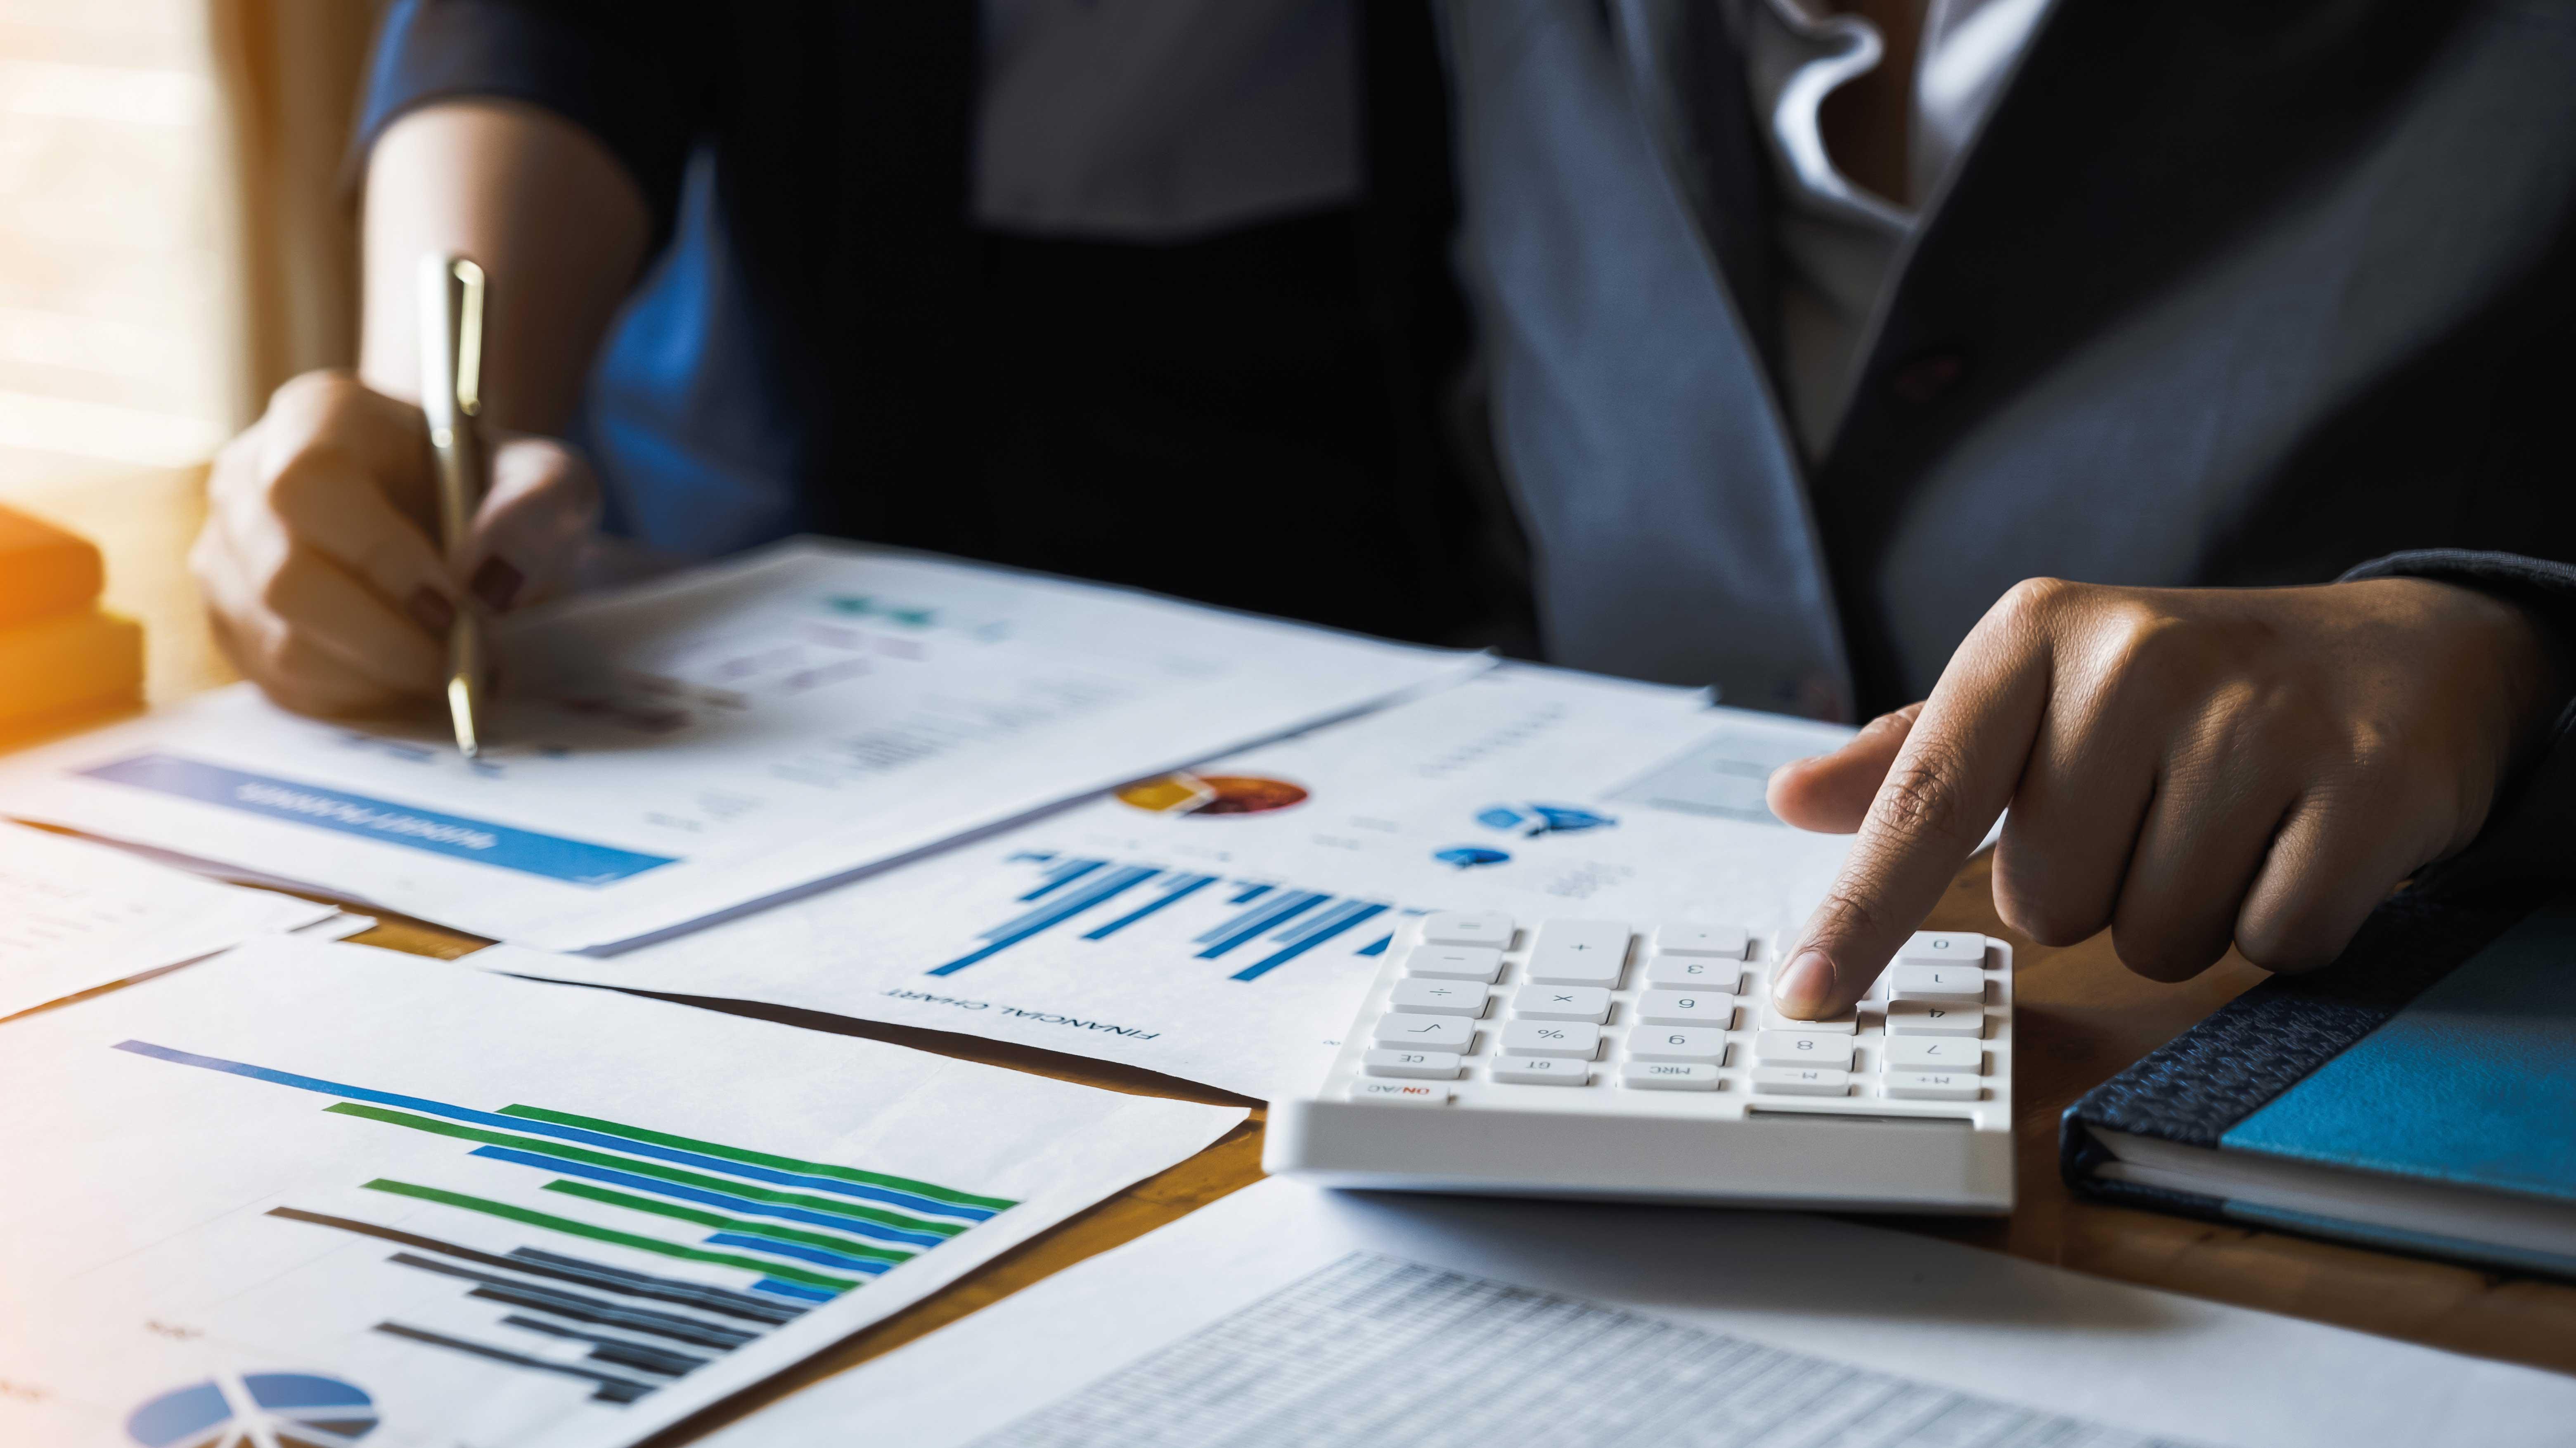 Deuda corporativa: el apetito de los inversionistas se centran en el corto plazo